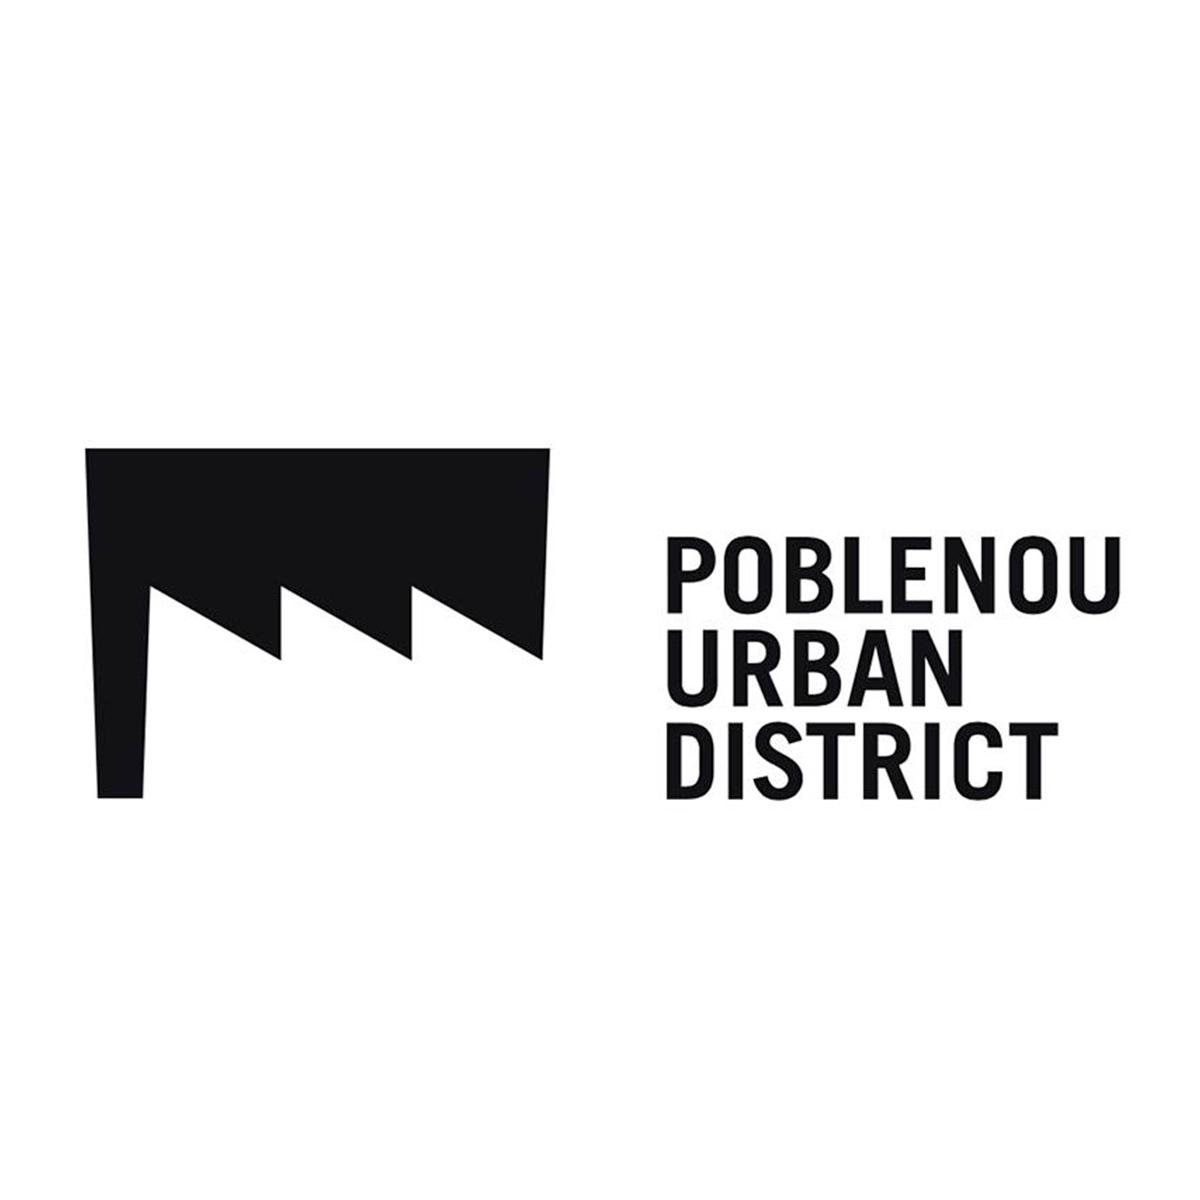 Poblenou Urban District